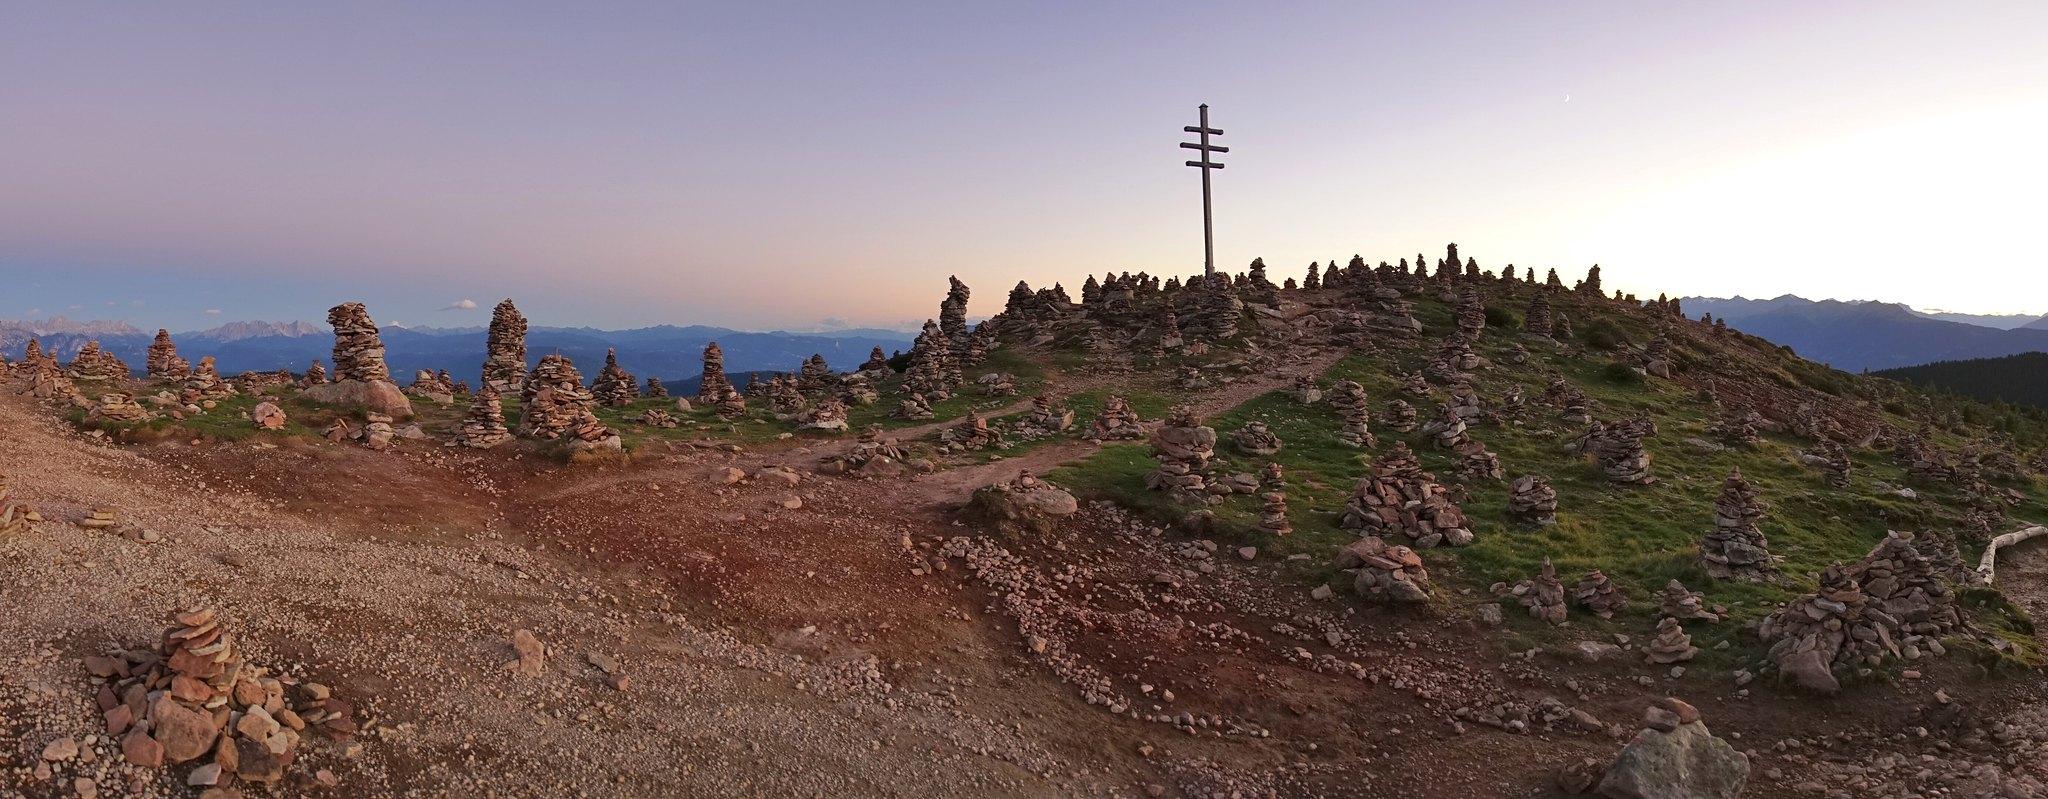 val sarentino escursioni omini di pietra